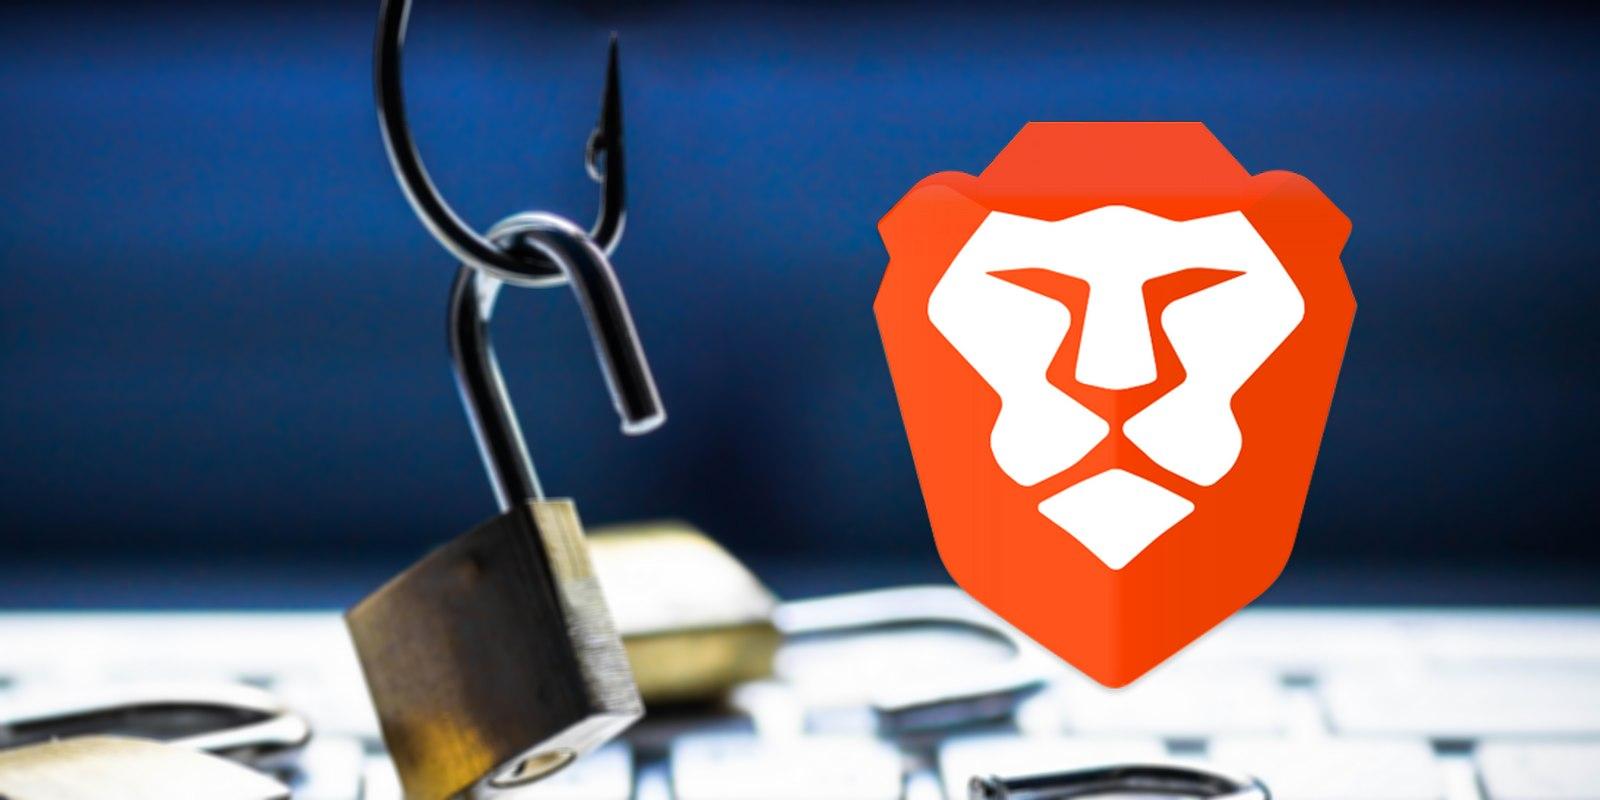 Brave intègre des solutions anti-phishing à ses wallets